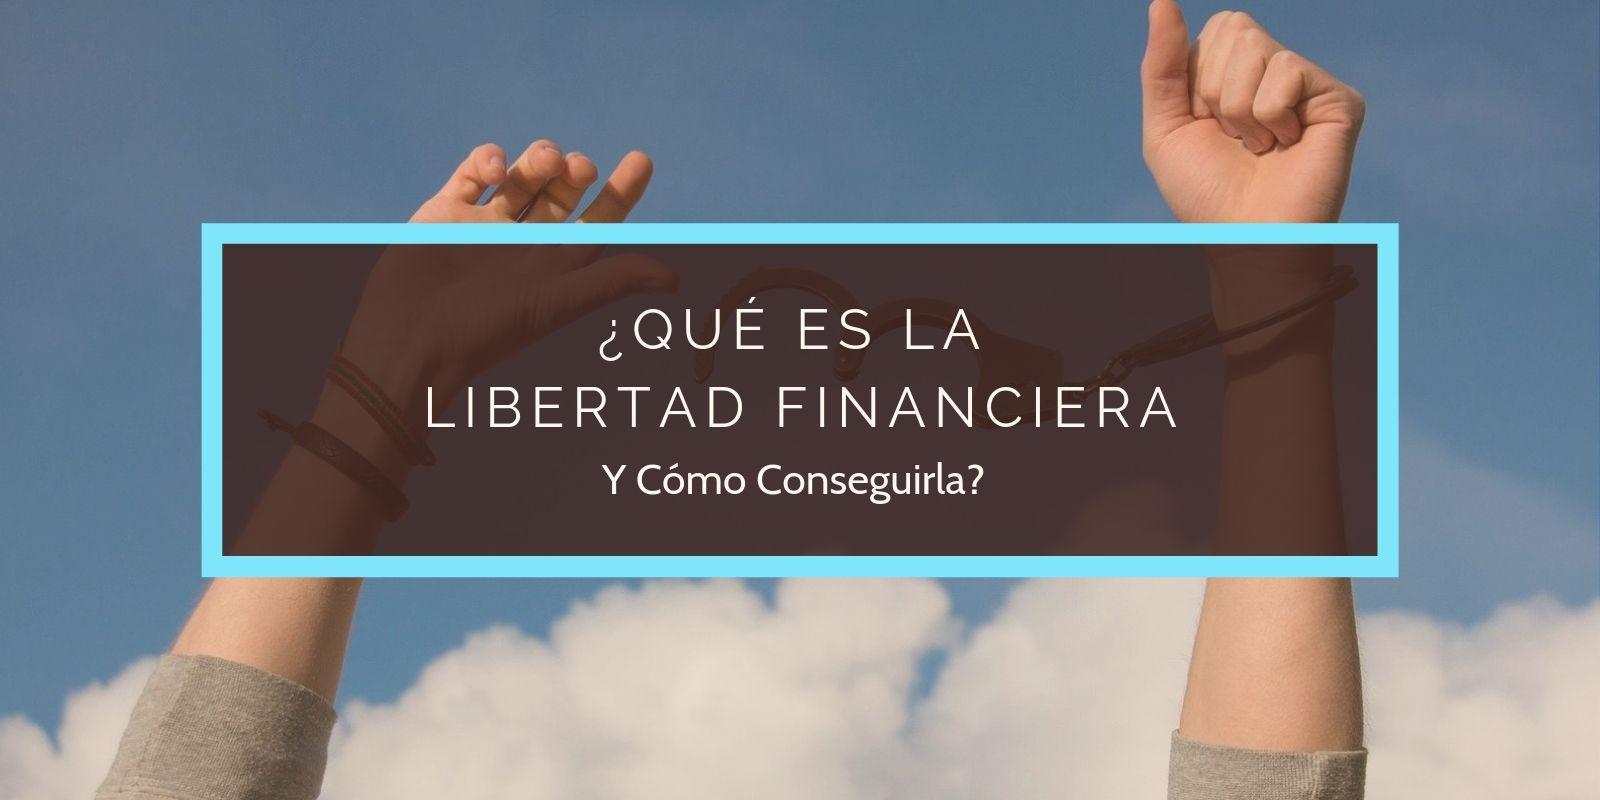 que es la libertad financiera